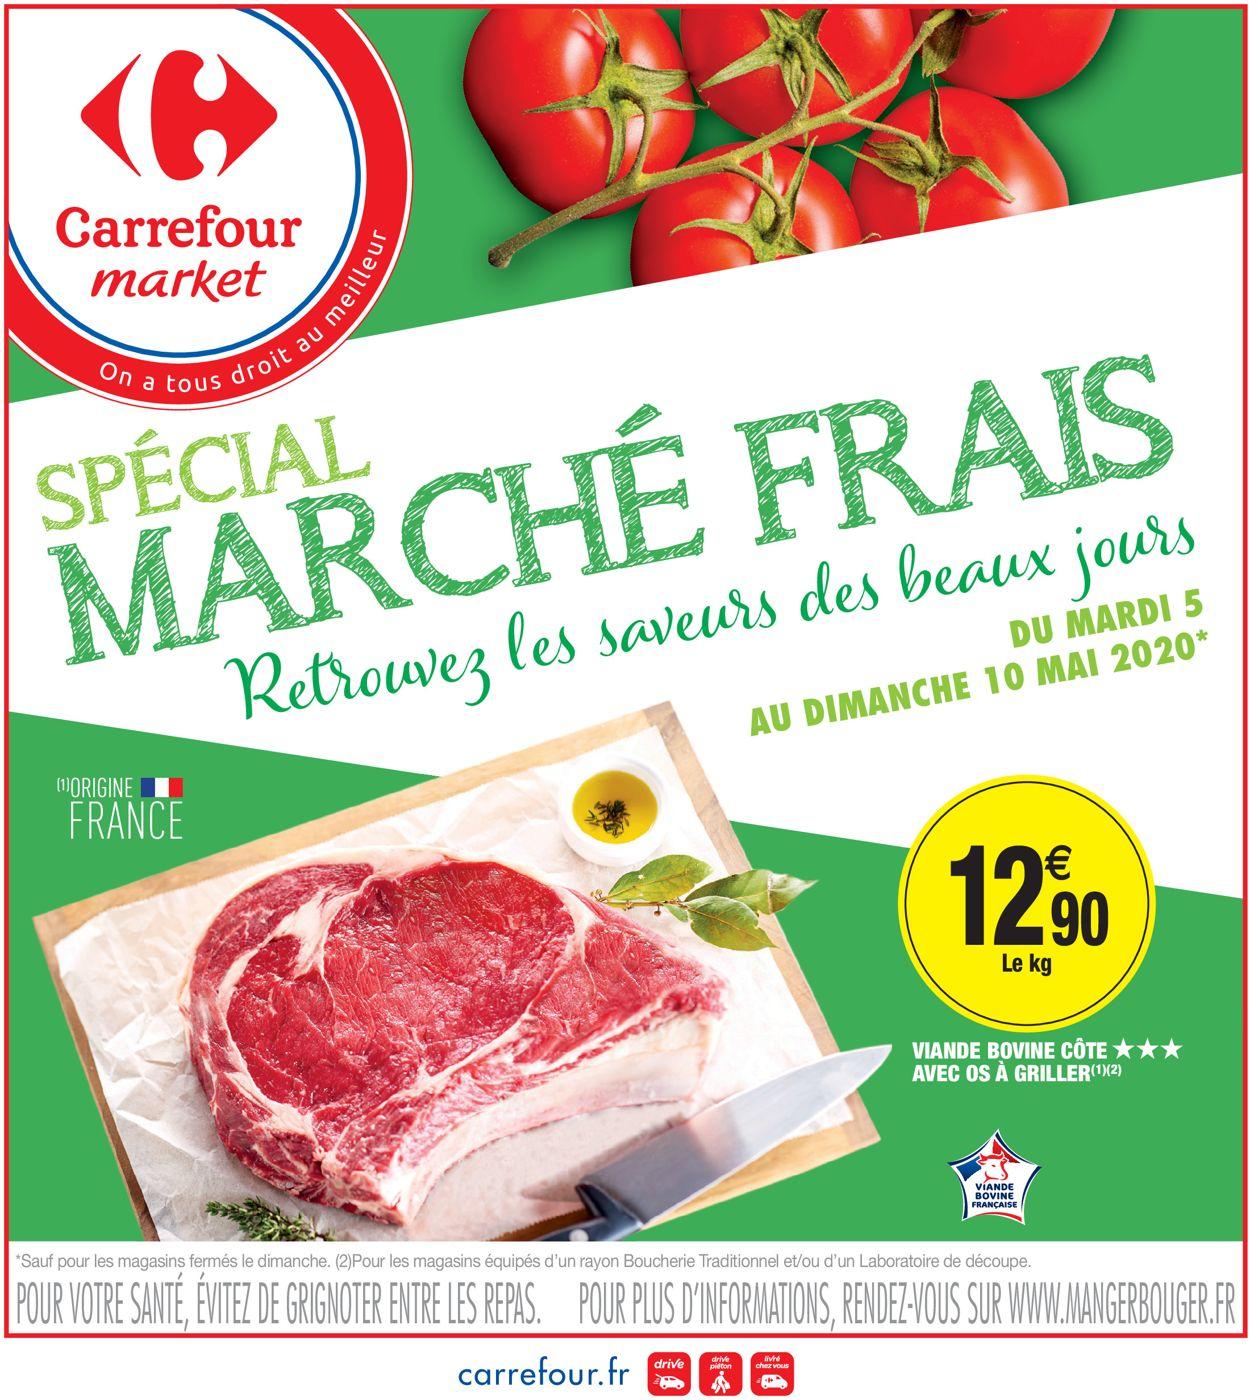 Carrefour Catalogue - 05.05-10.05.2020